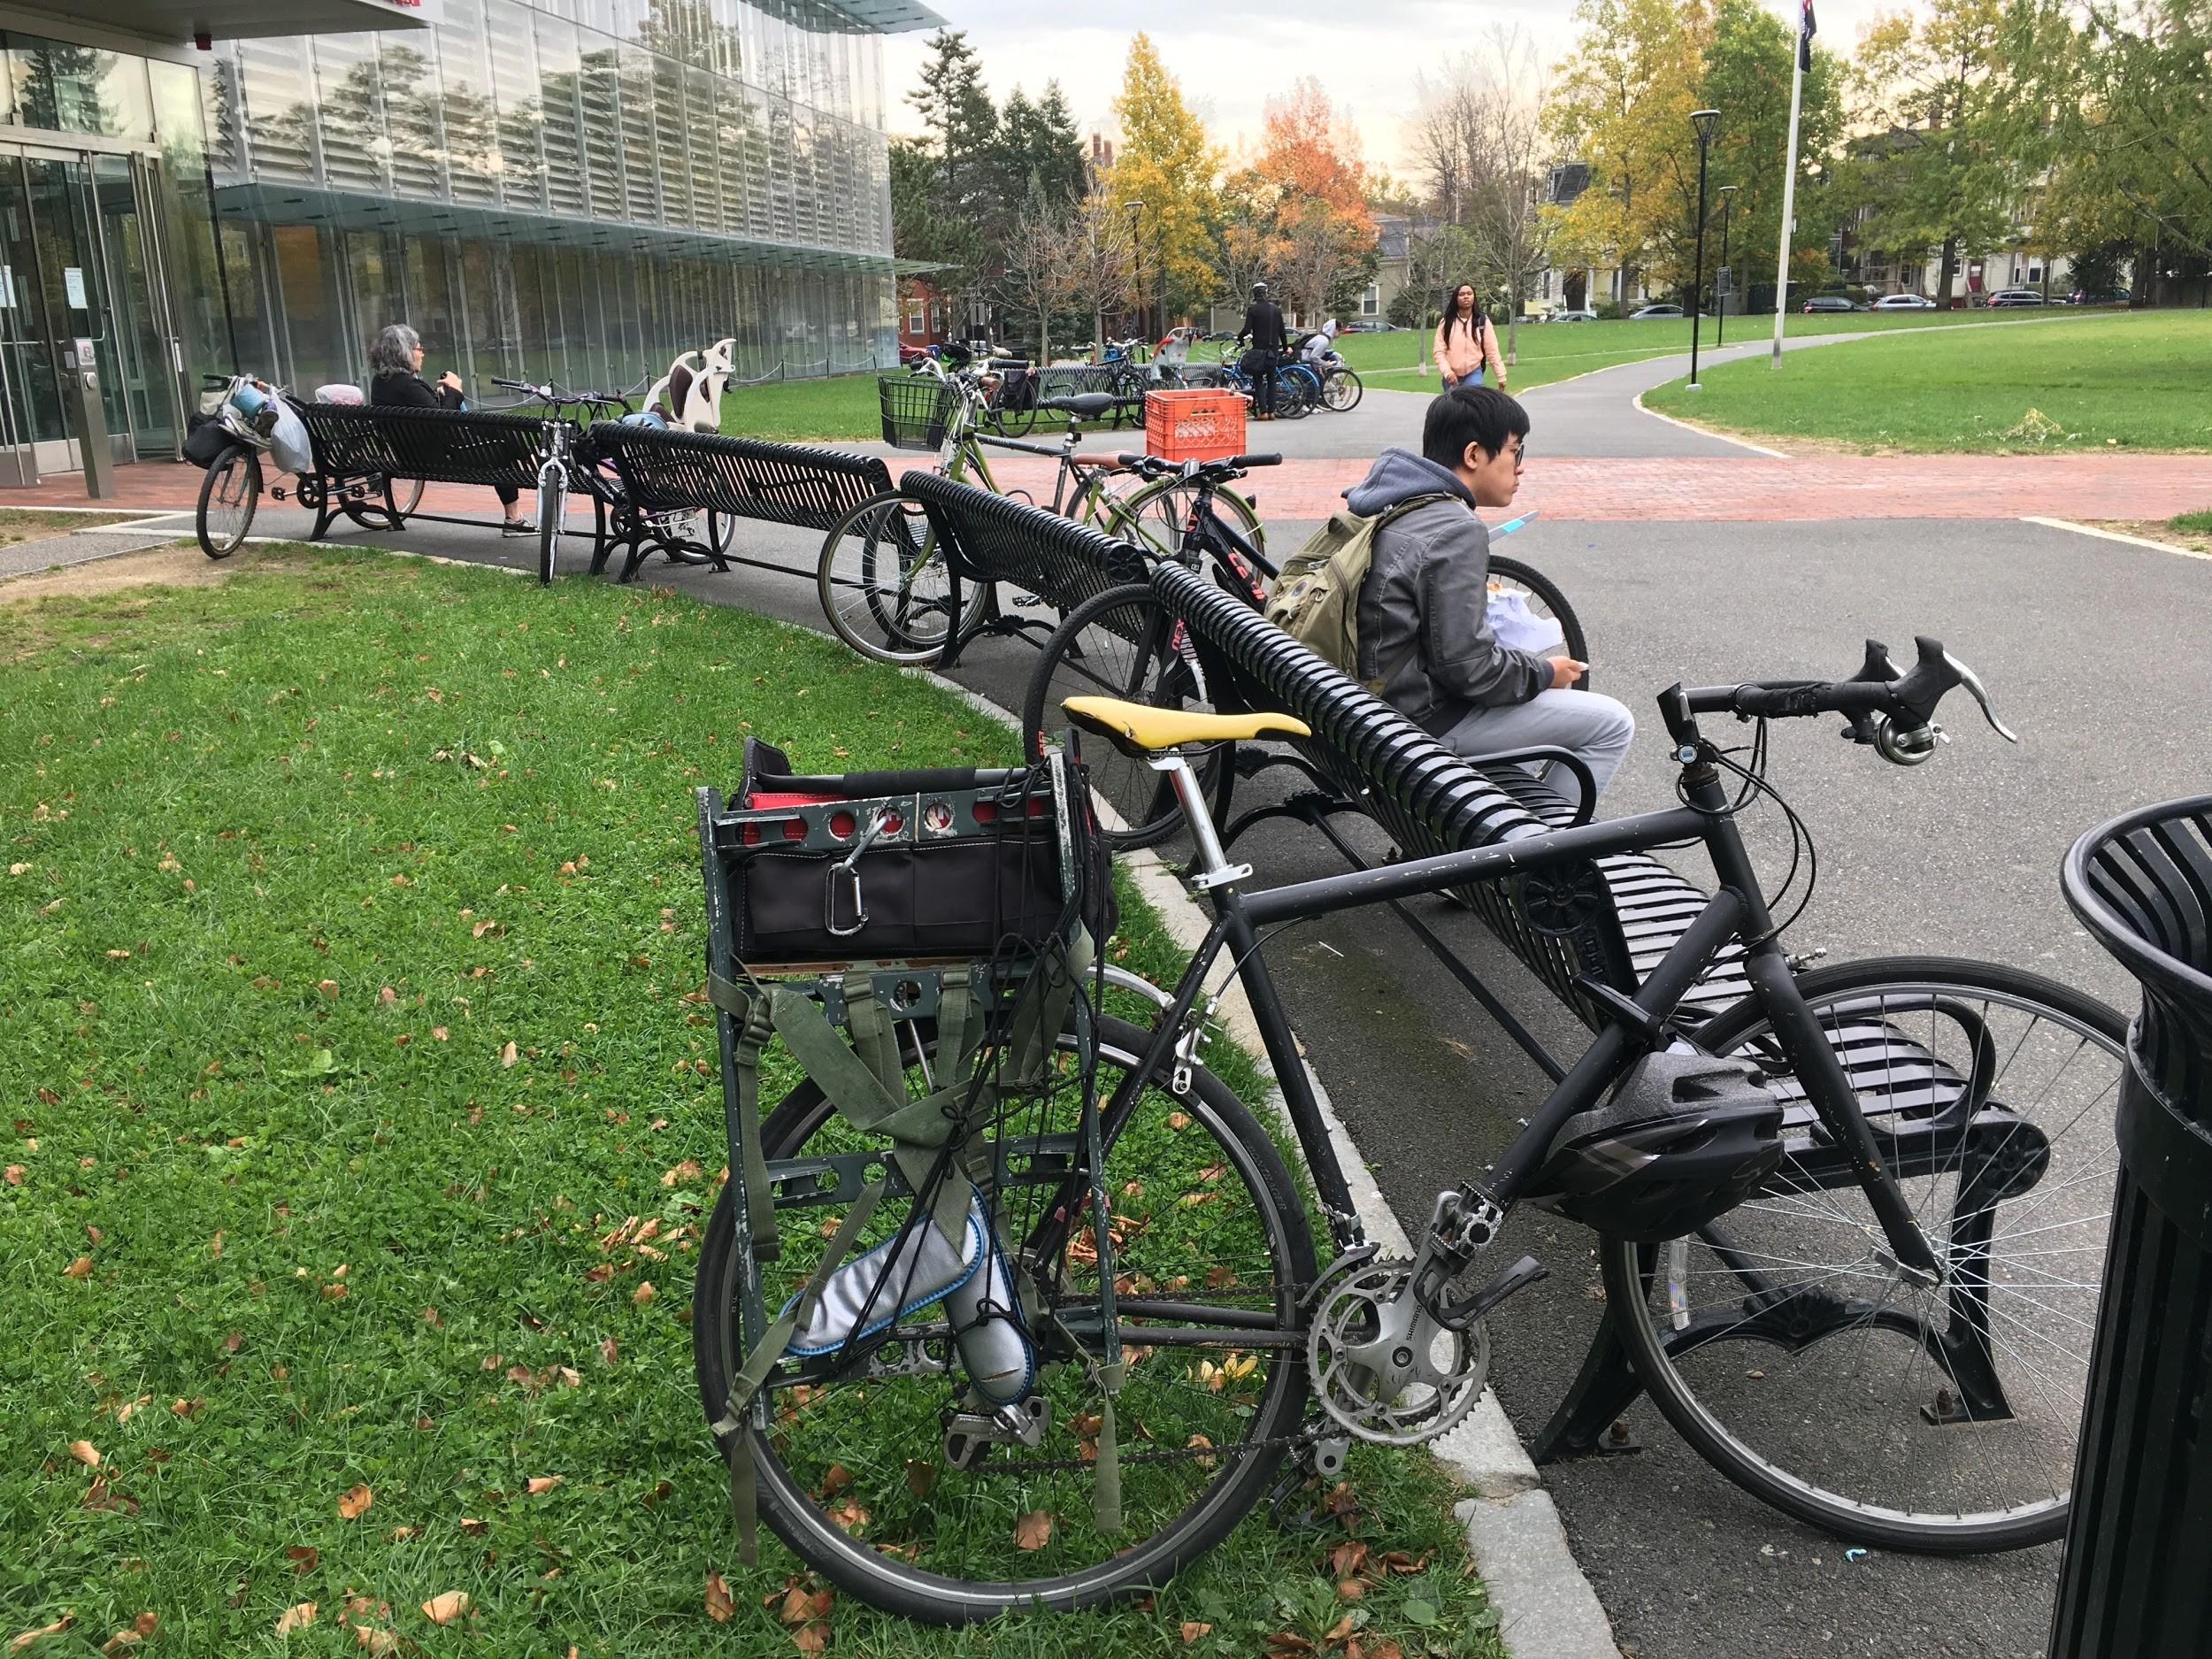 bikeshelter3.jpg